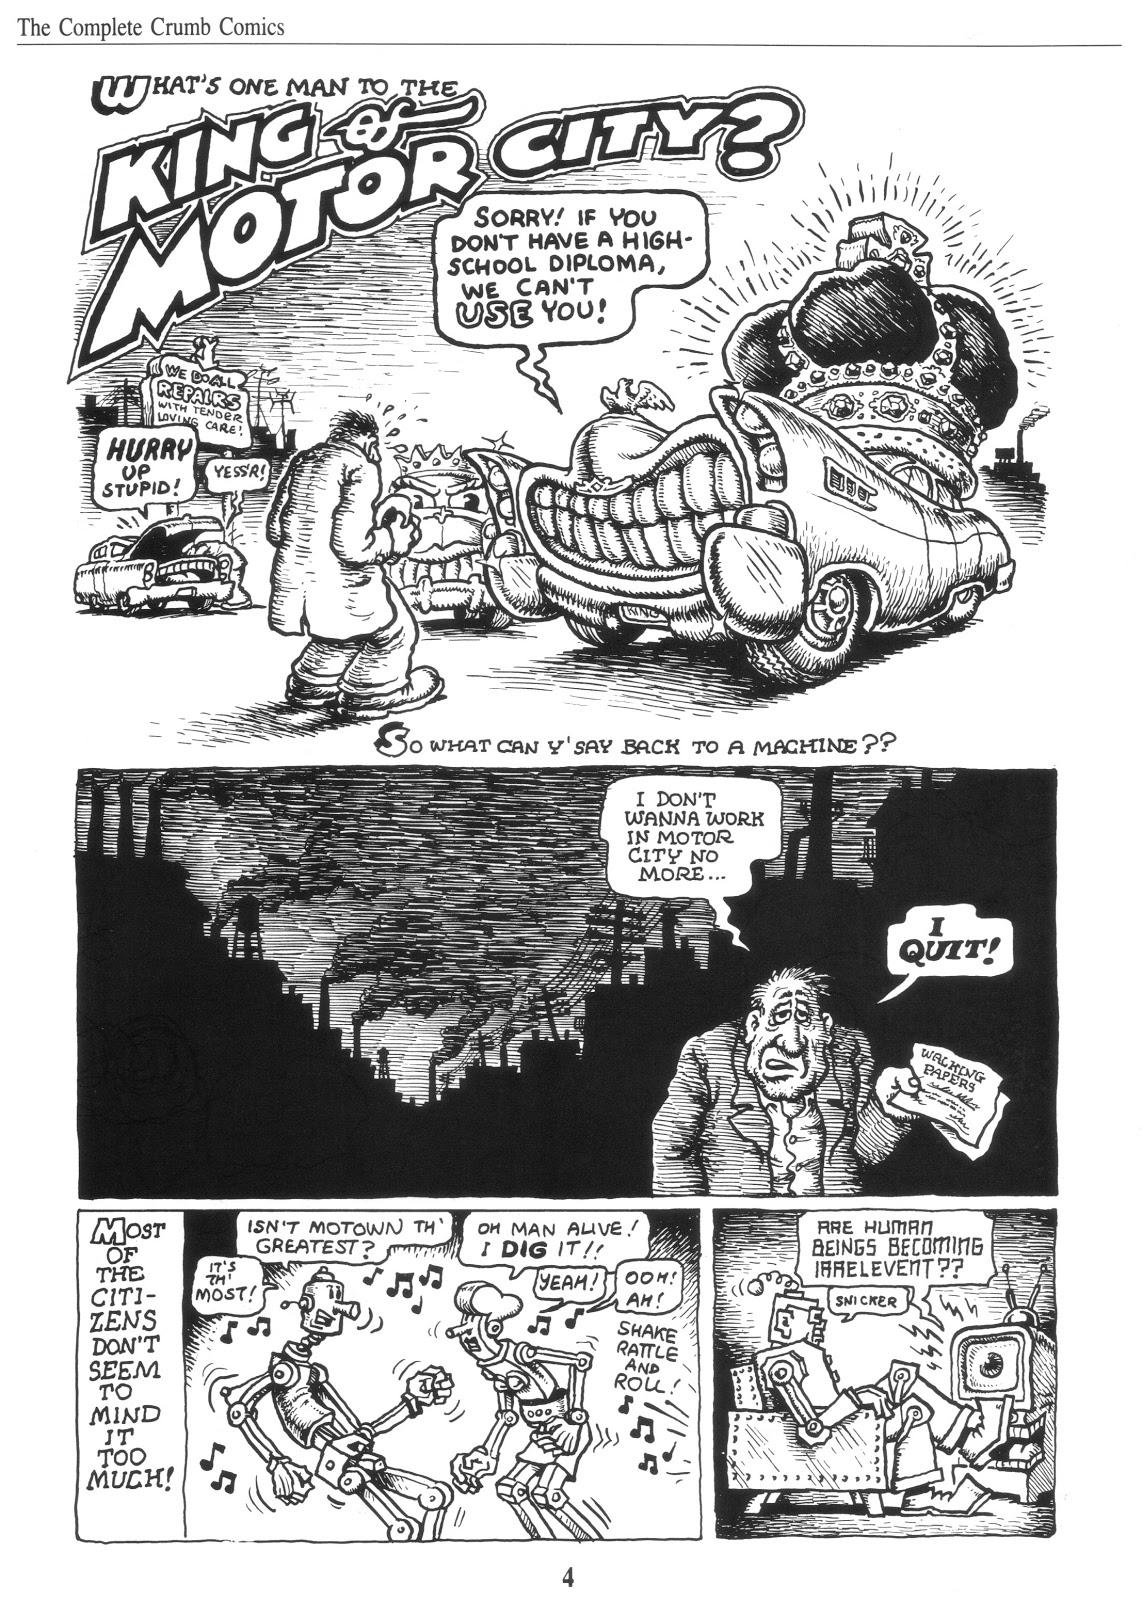 Complete Crumb Comics Vol 6 review